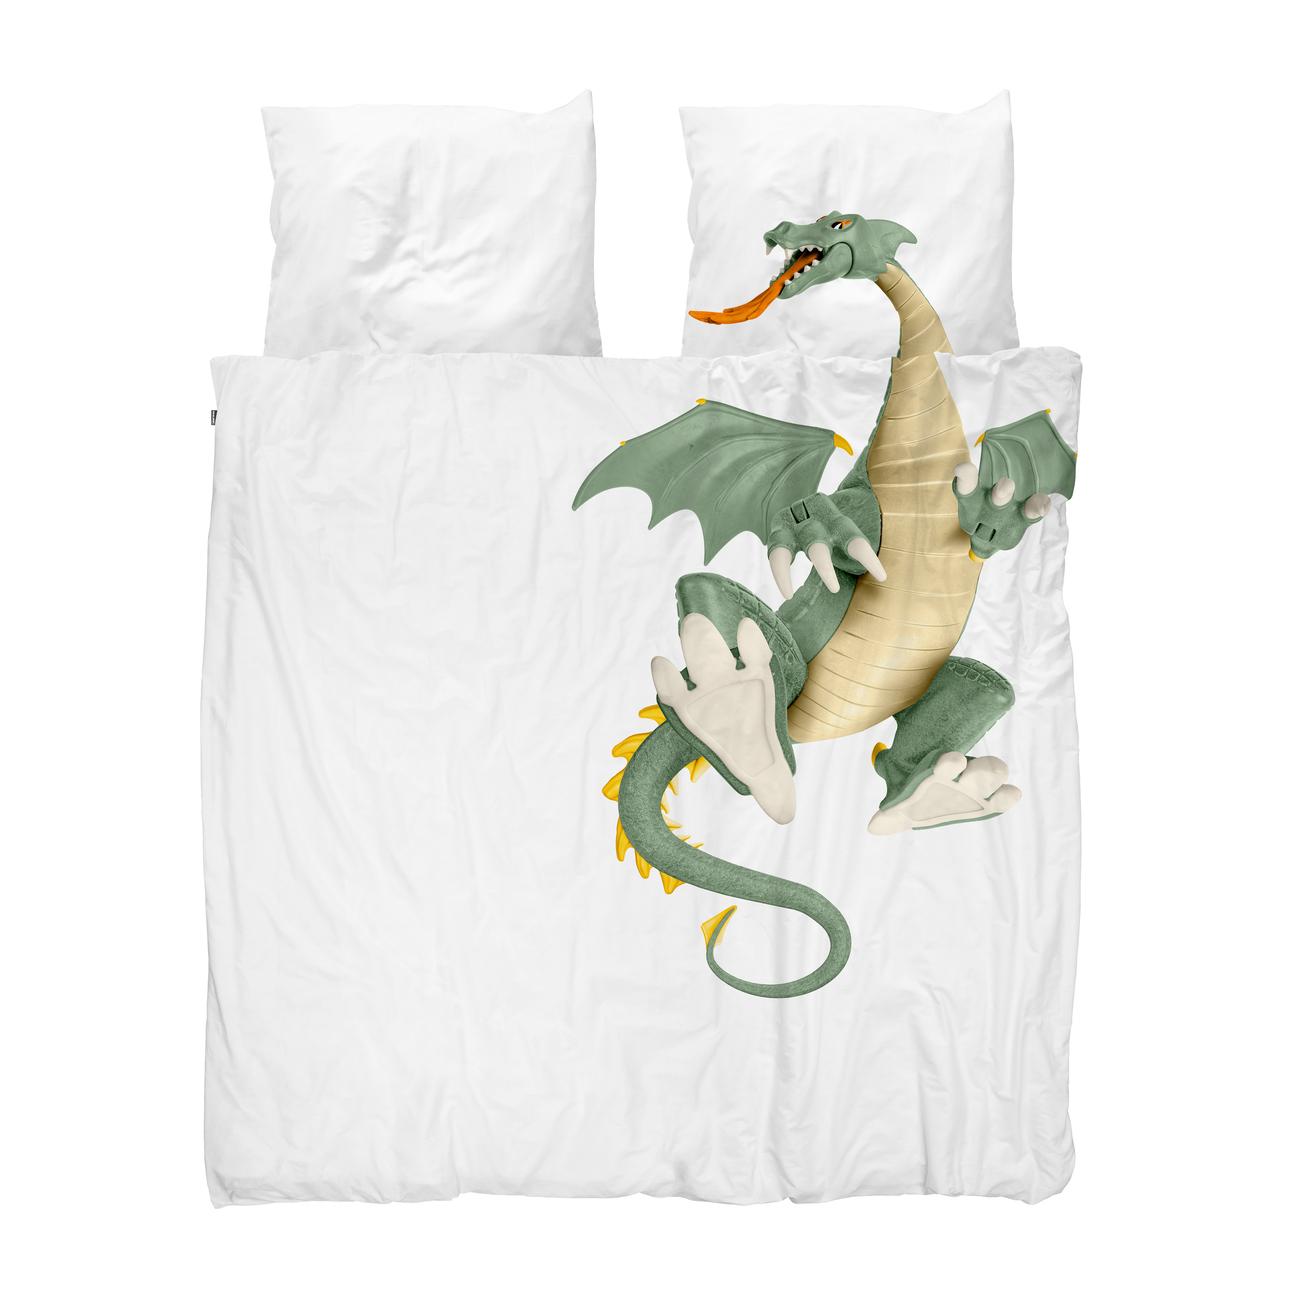 Snurk Dragon dekbedovertrek 200x200 220 cm